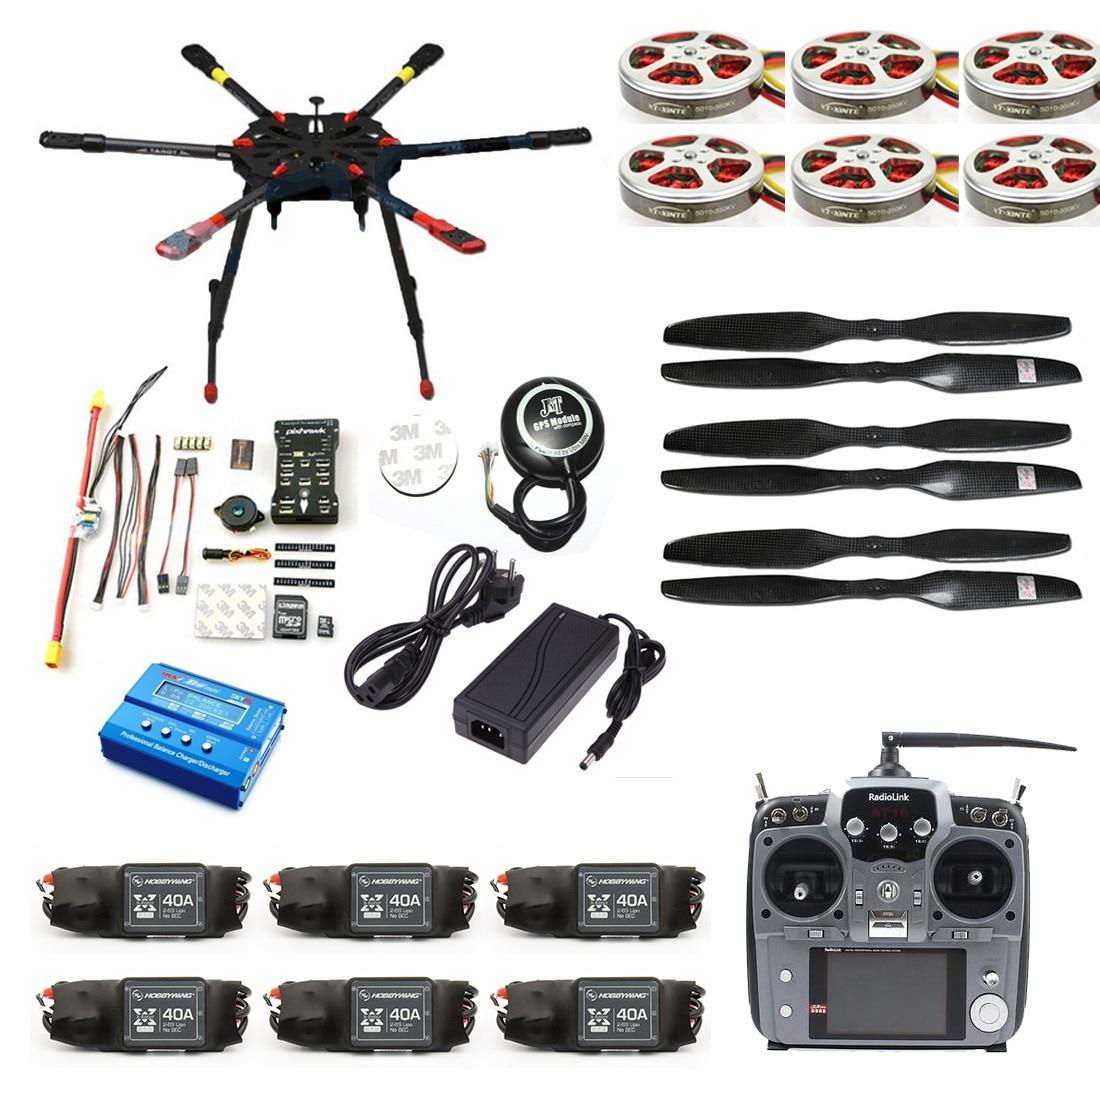 JMT Pro 2,4G 10CH 960mm Tarot X6 plegable PIX PX4 M8N GPS ARF/PNF de RC kit de desmontaje de Dron hexacóptero F11283-A/B